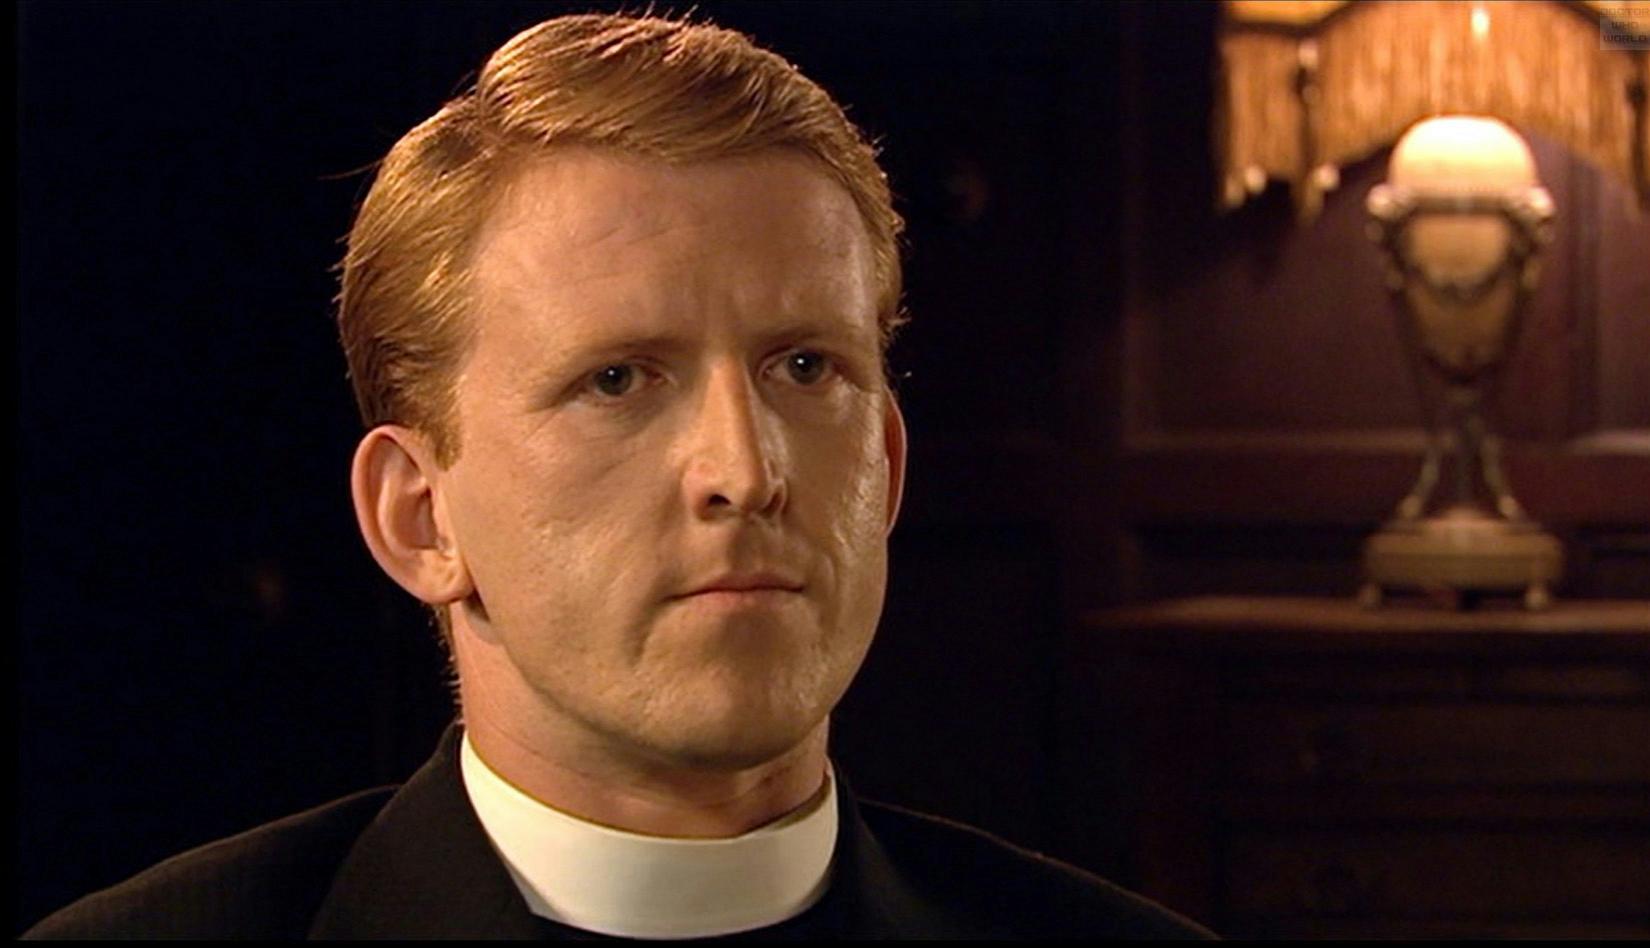 Tom interpretou o Reverendo Arnold Golightly, no episódio The Unicorn and The Wasp, da quarta temporada - episódio em que o Doutor e a Donna conhecem Agatha Christie, em 1926.